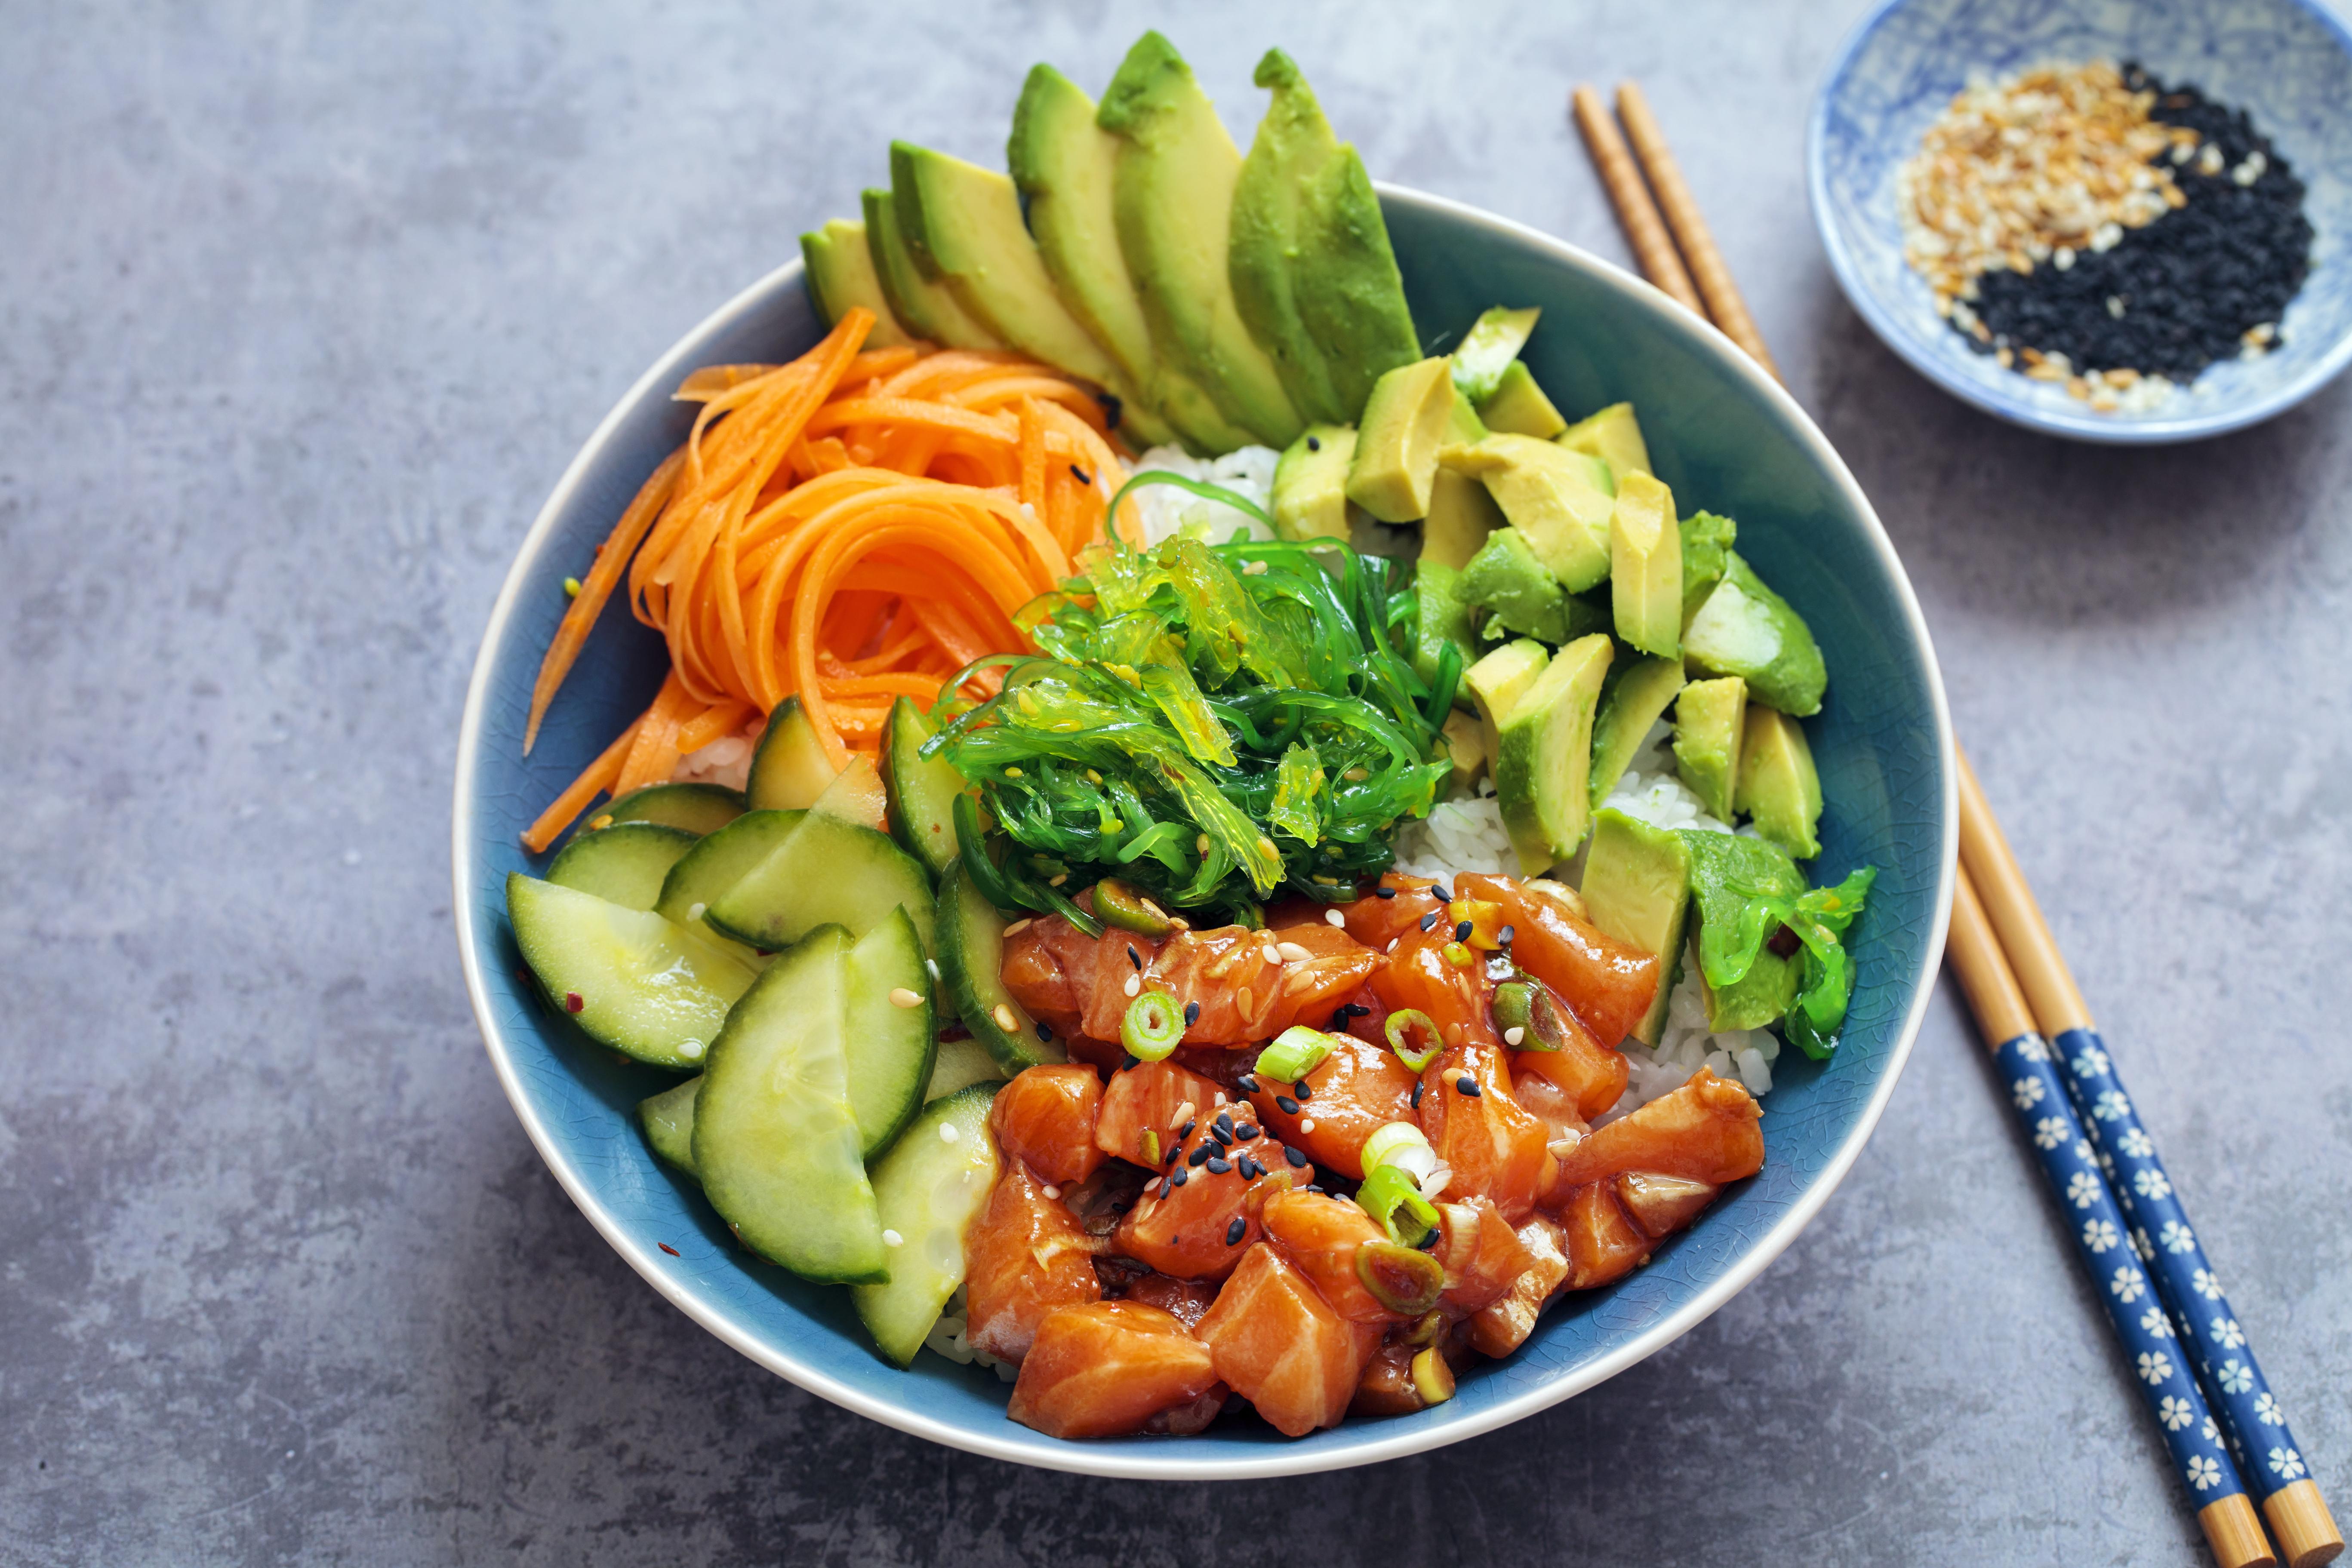 shutterstock_573890704 poke bowl veckans recept mat och vitaminer  lax mat och hitta fler matrecept.jpg